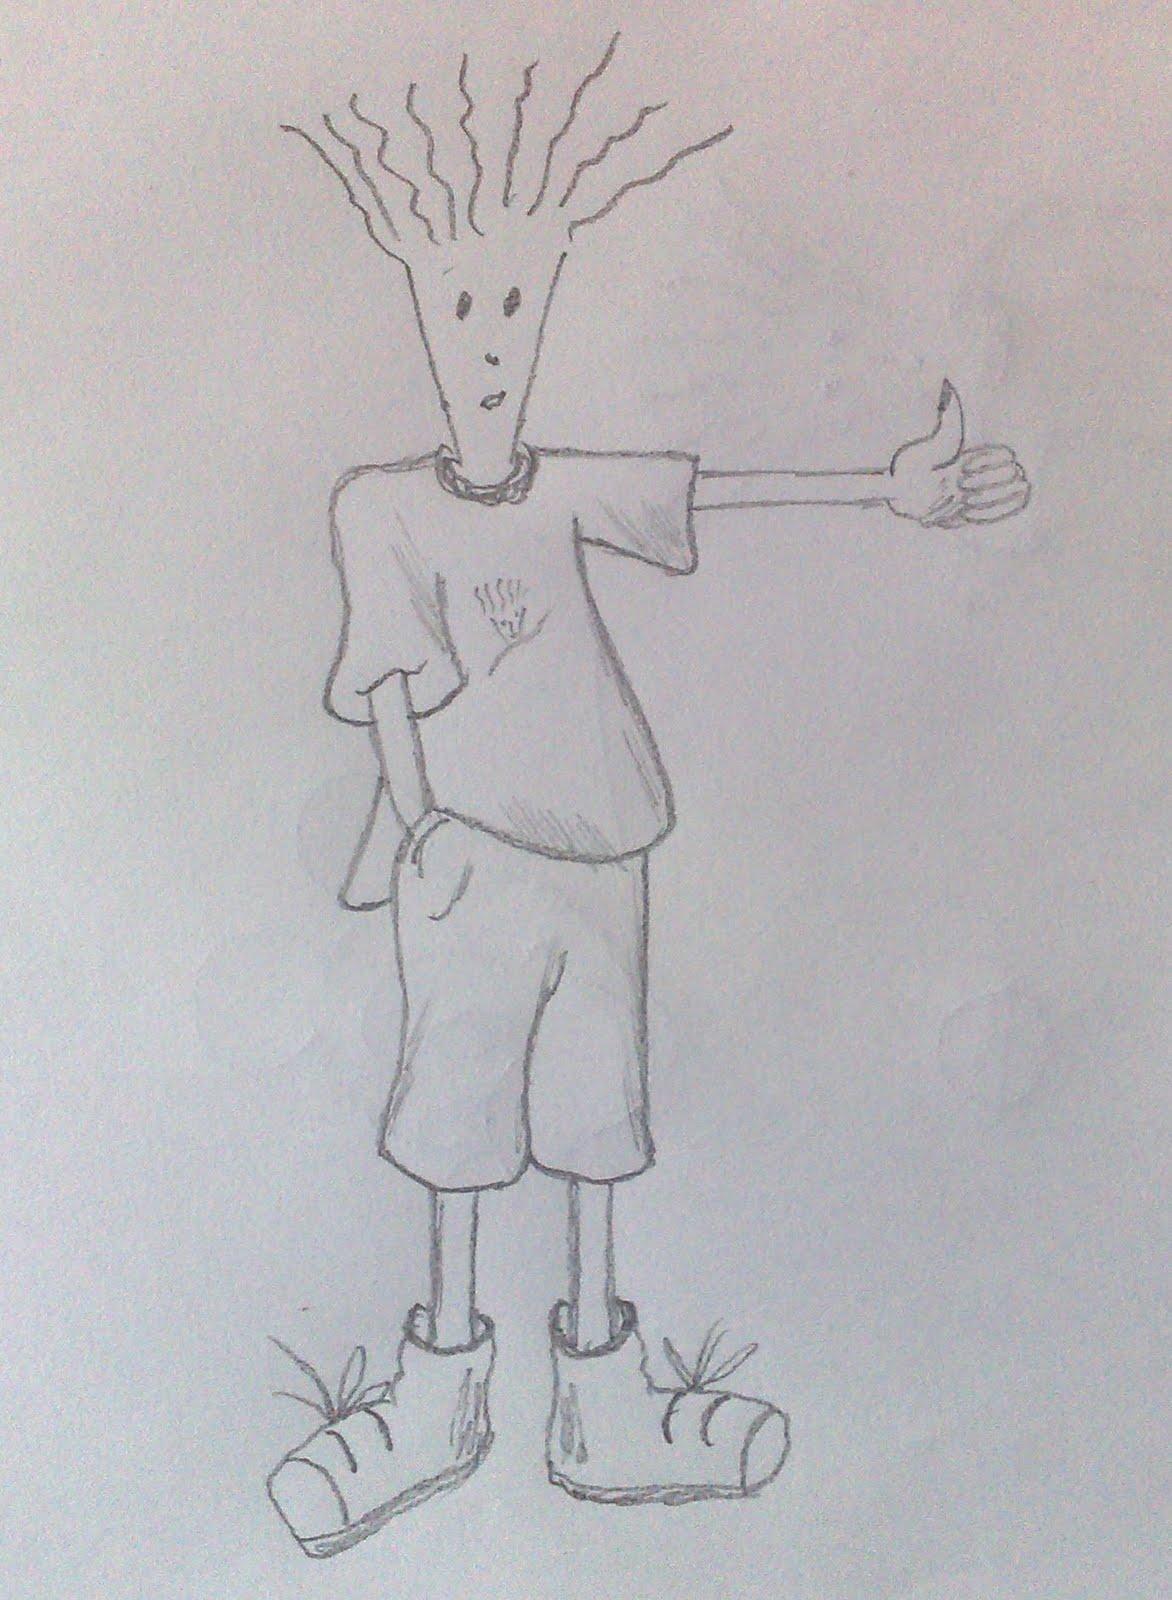 fido dido sketch